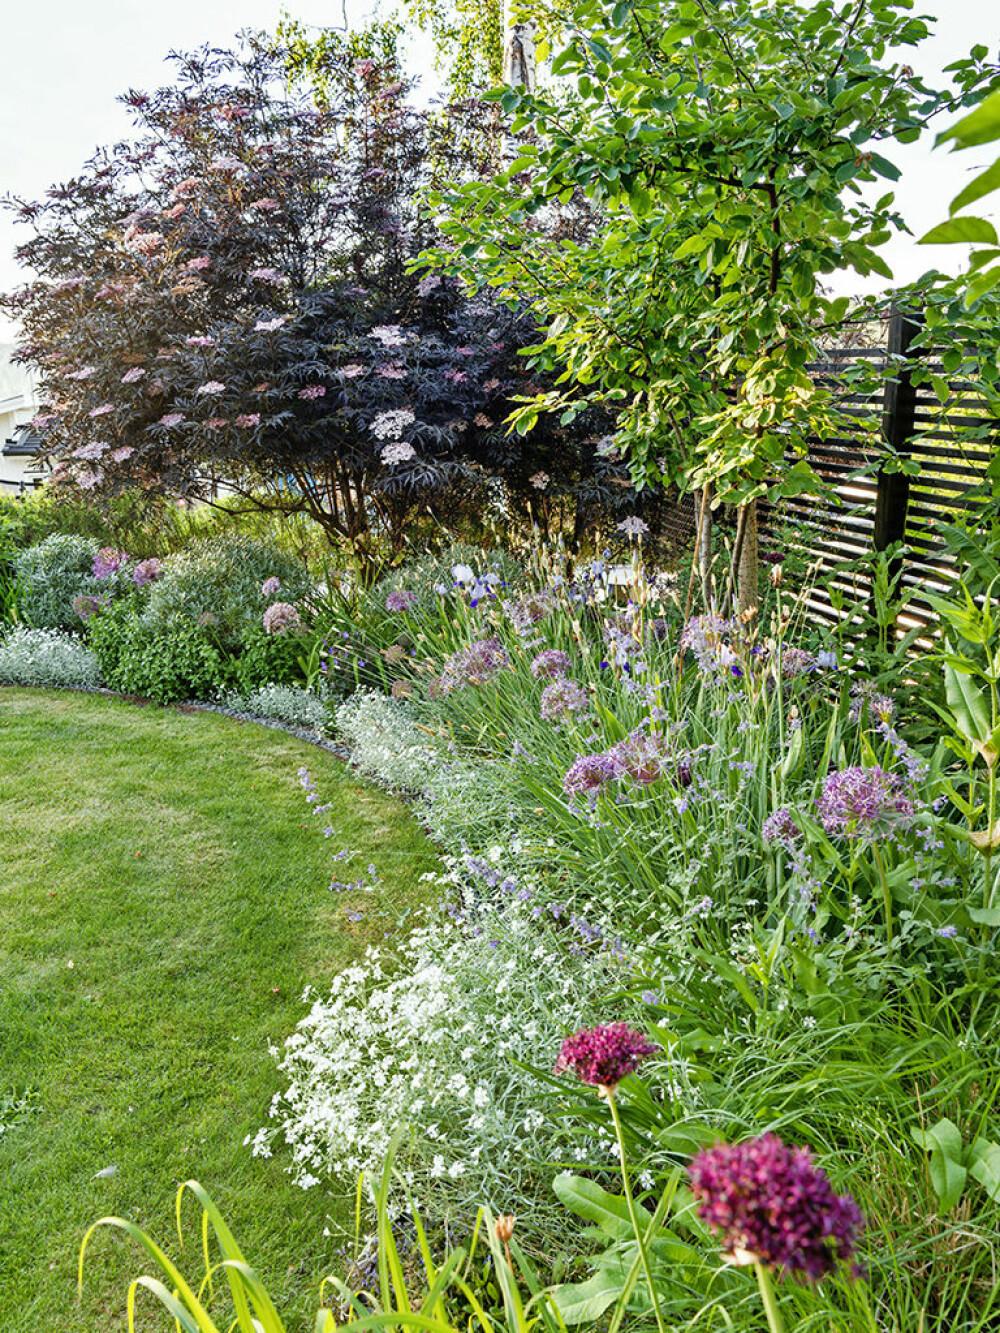 Rabatten vid gräsrundeln är  full av fantastiska allium 'Christophii' i månadsskiftet juni–juli. Kantväxt är silverarv.  Vinlöken har en underbar mörk färg. Dessutom  doftar den underbart.